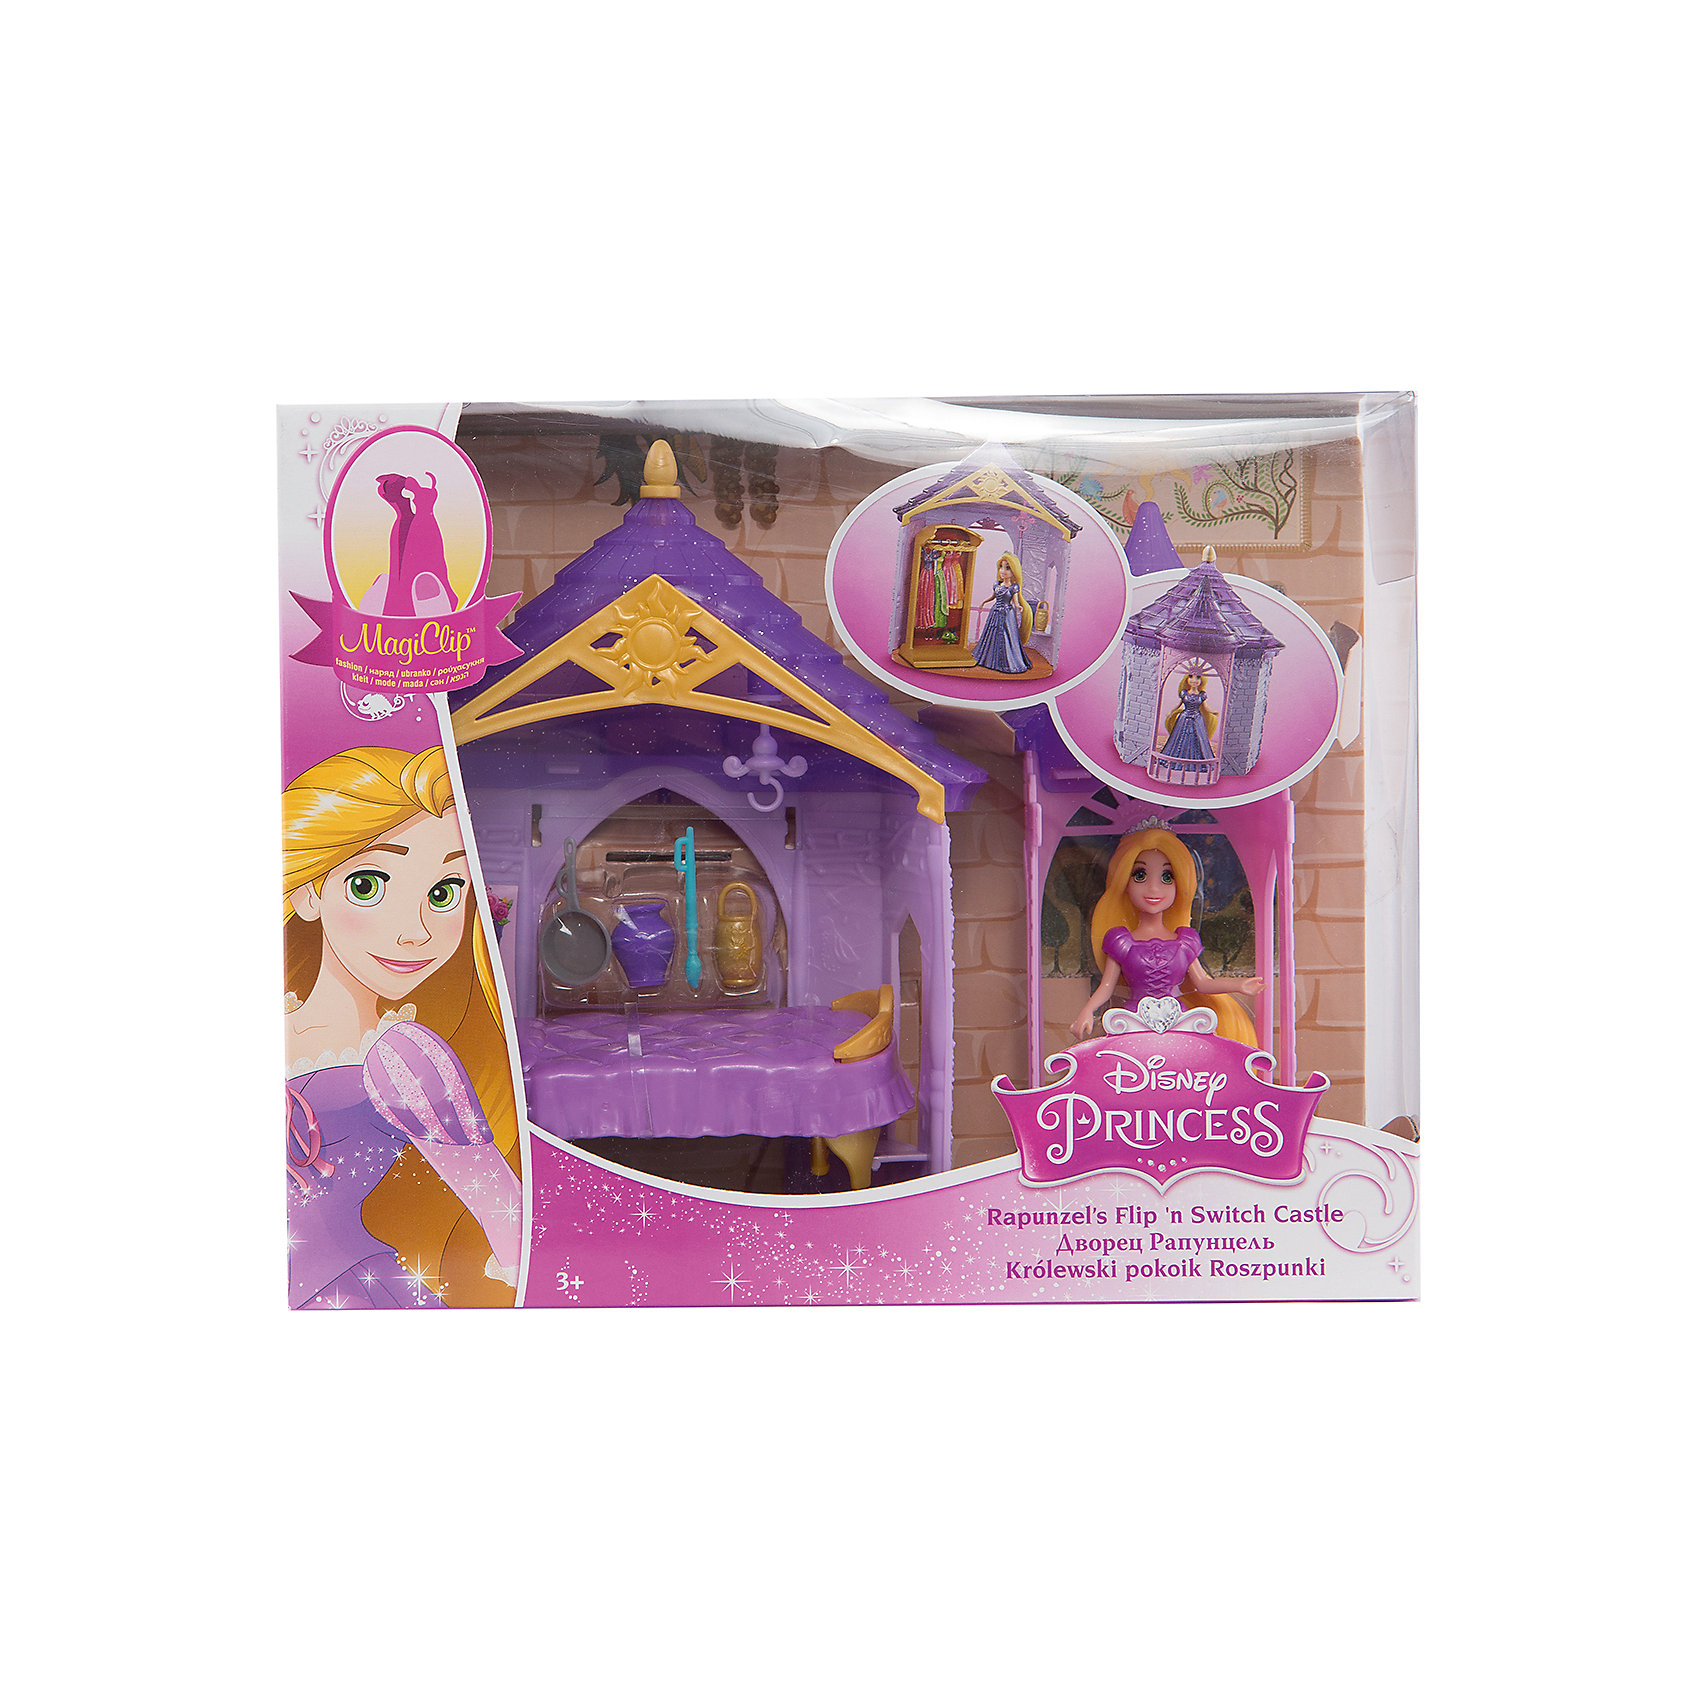 Mattel Набор Комната принцессы Рапунцель, с куклой и аксессуарами, Disney Princess disney princess 759440 принцессы дисней рапунцель со светящимися волосами